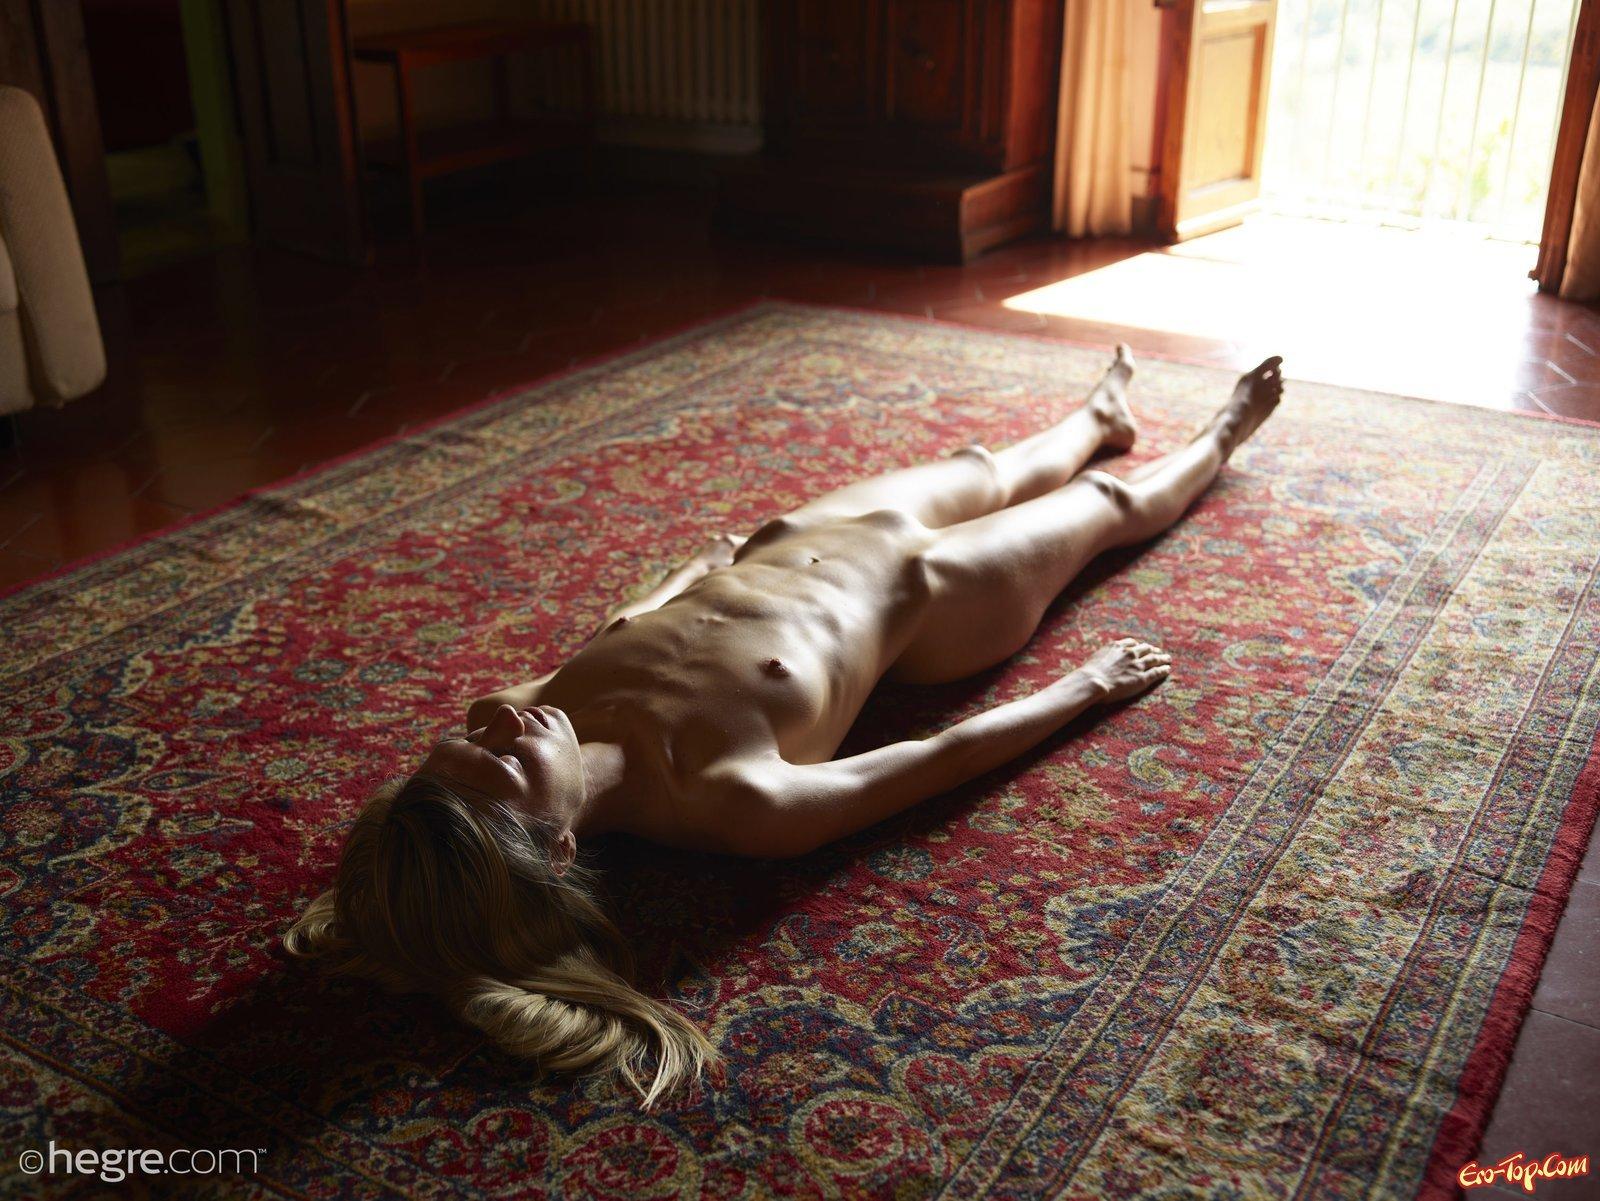 Обнаженная светловолосая девушка на фоне старого ковра секс фото